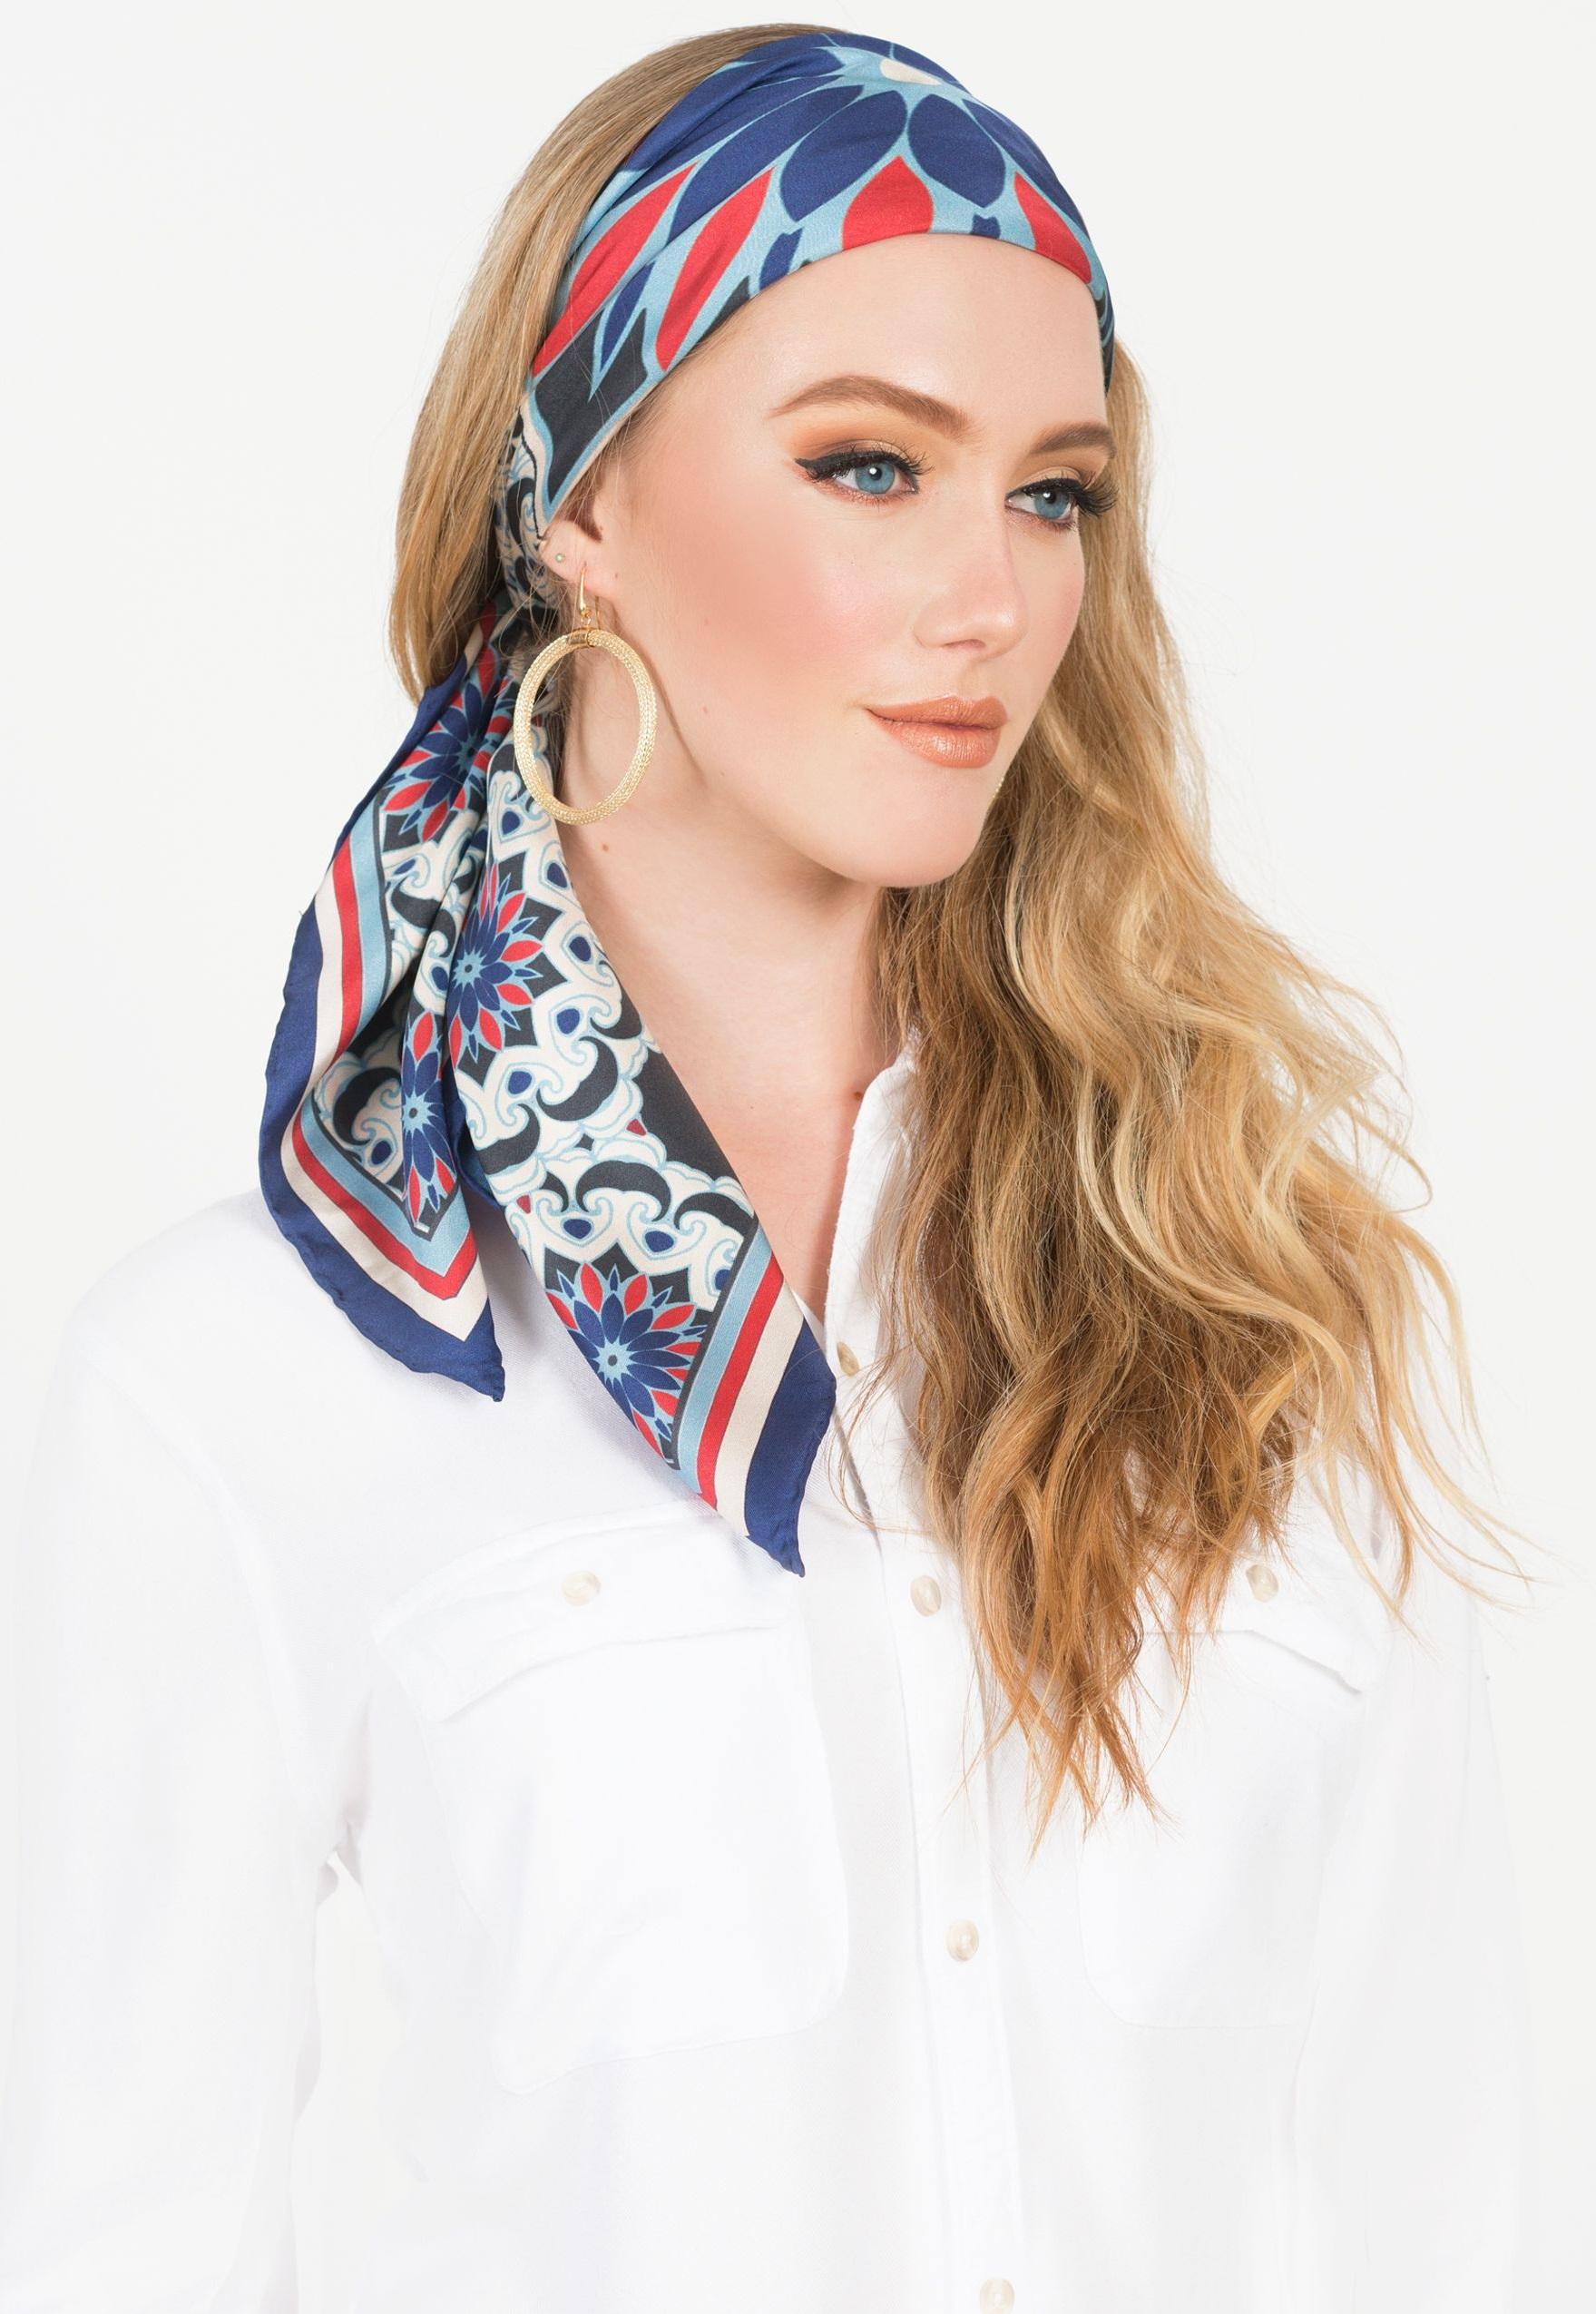 Voici comment mettre un foulard.